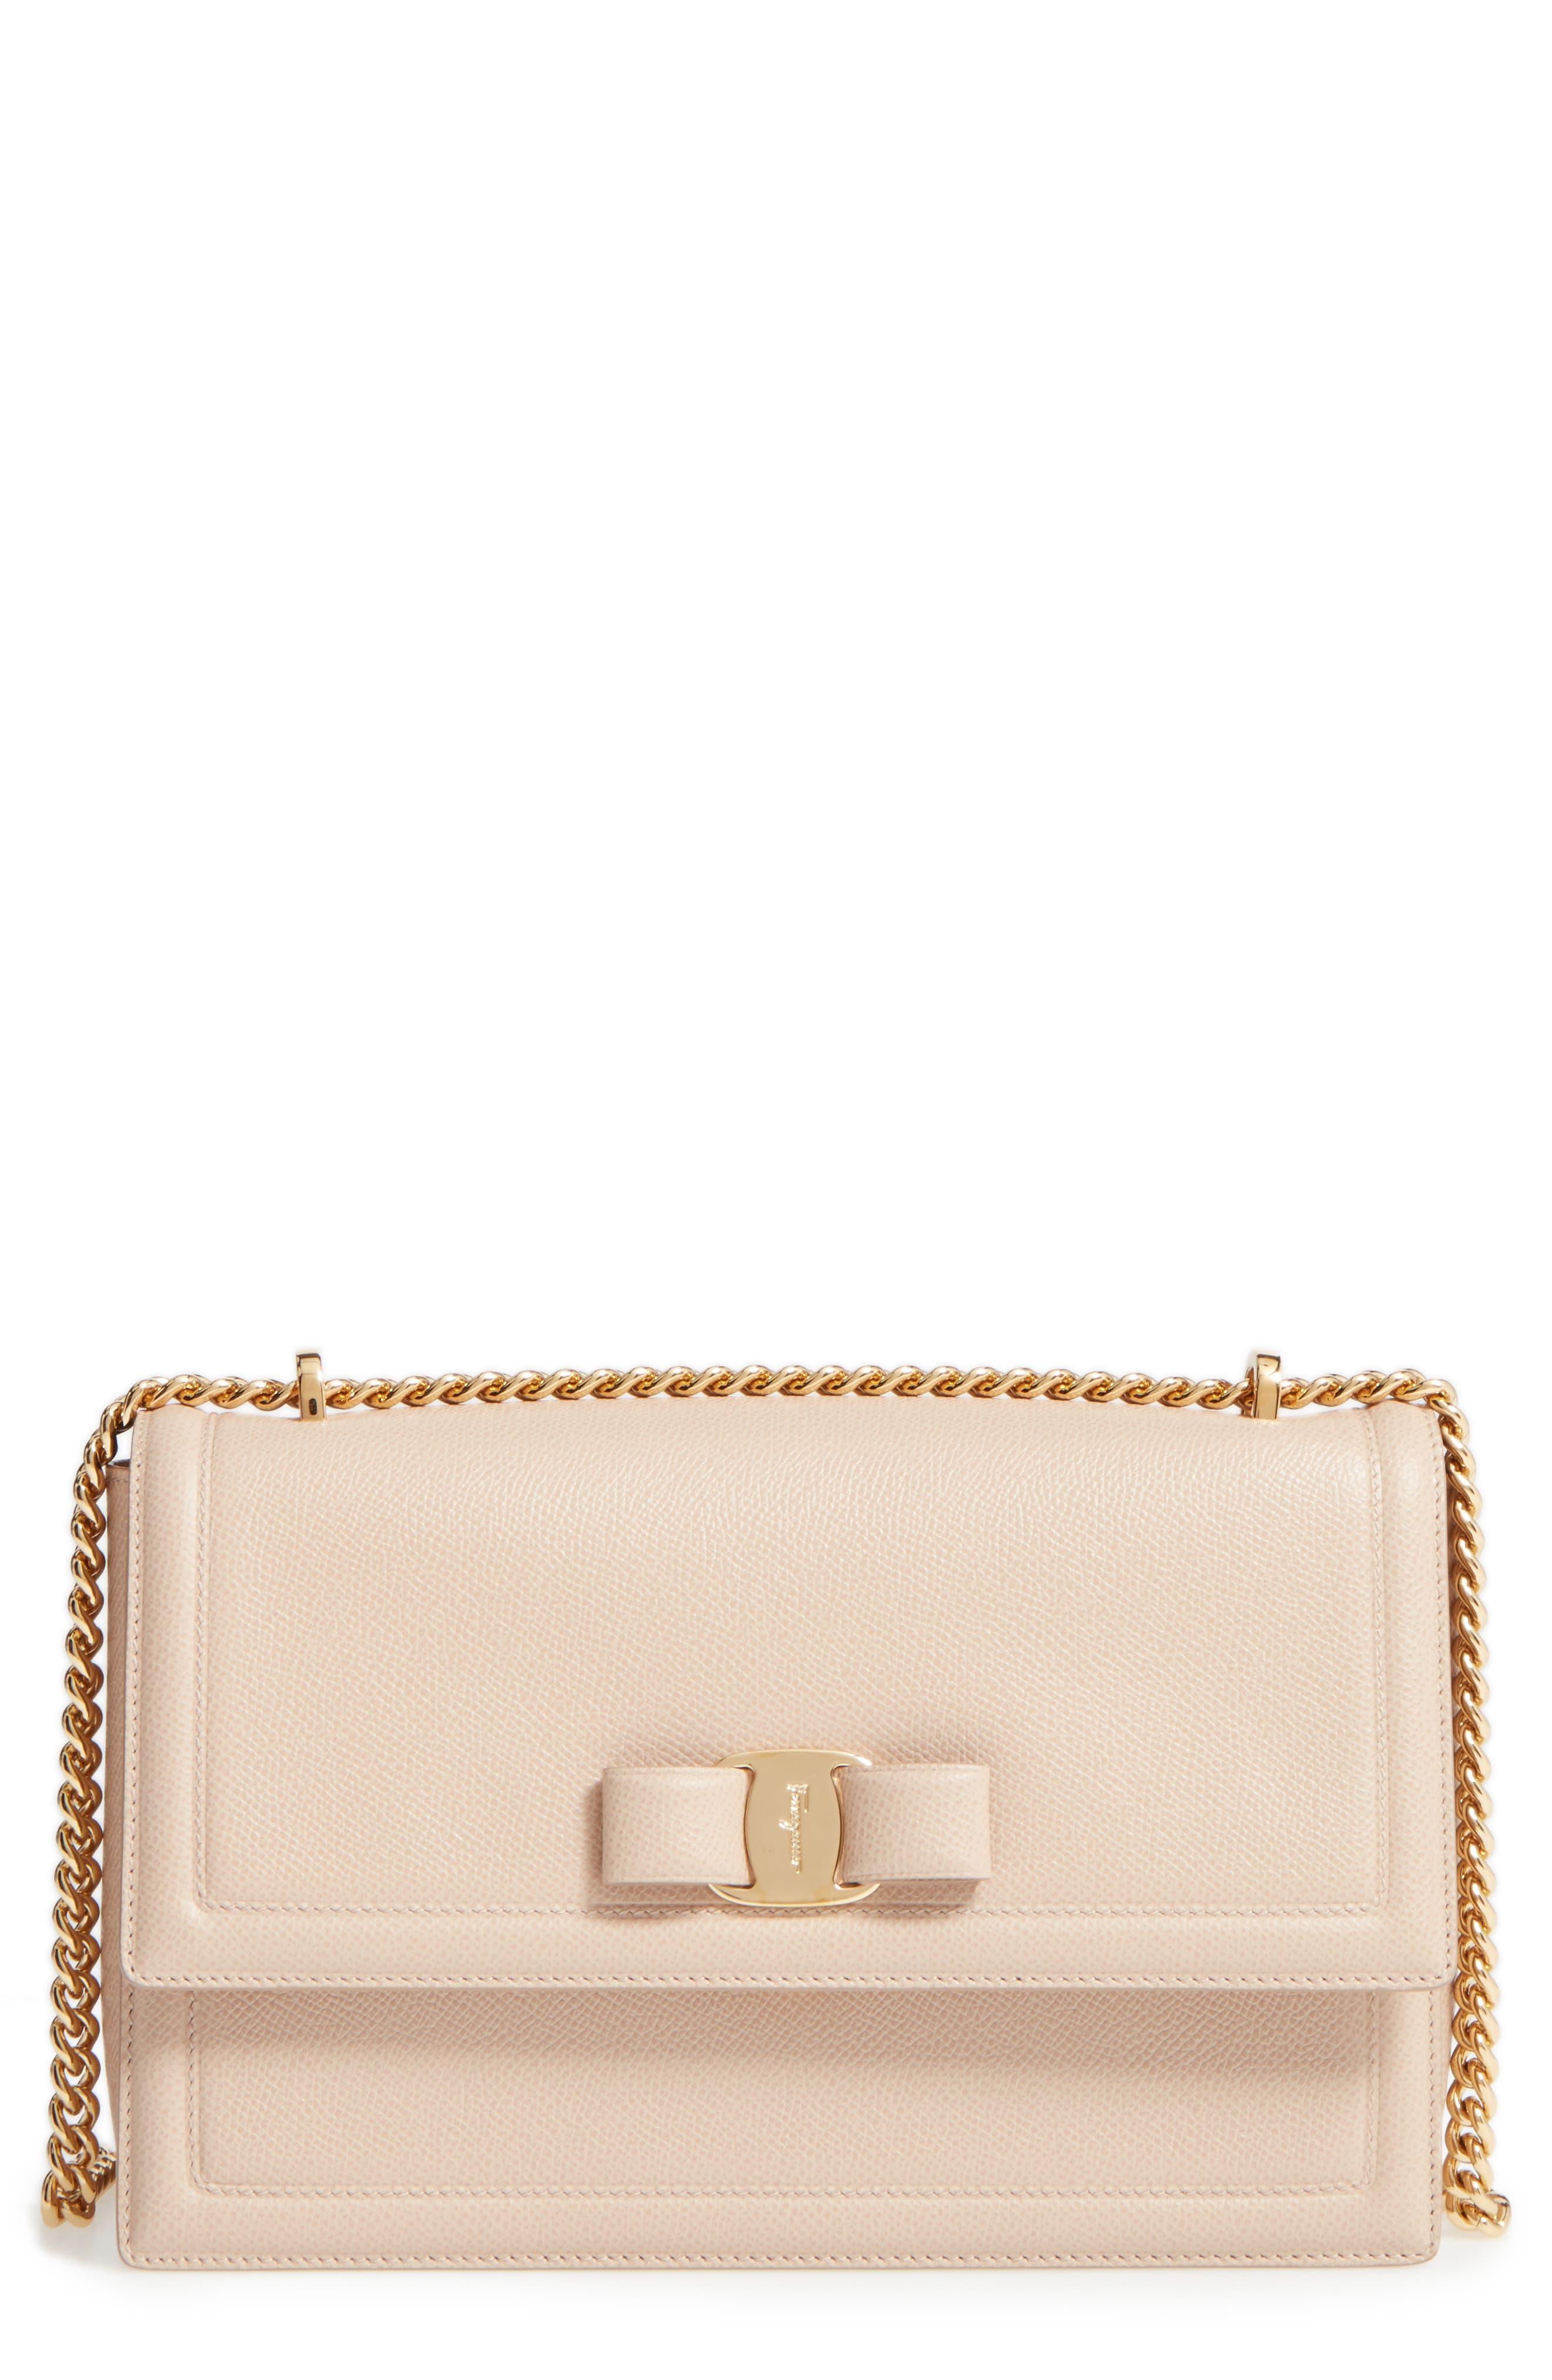 Salvatore Ferragamo Medium Leather Shoulder Bag